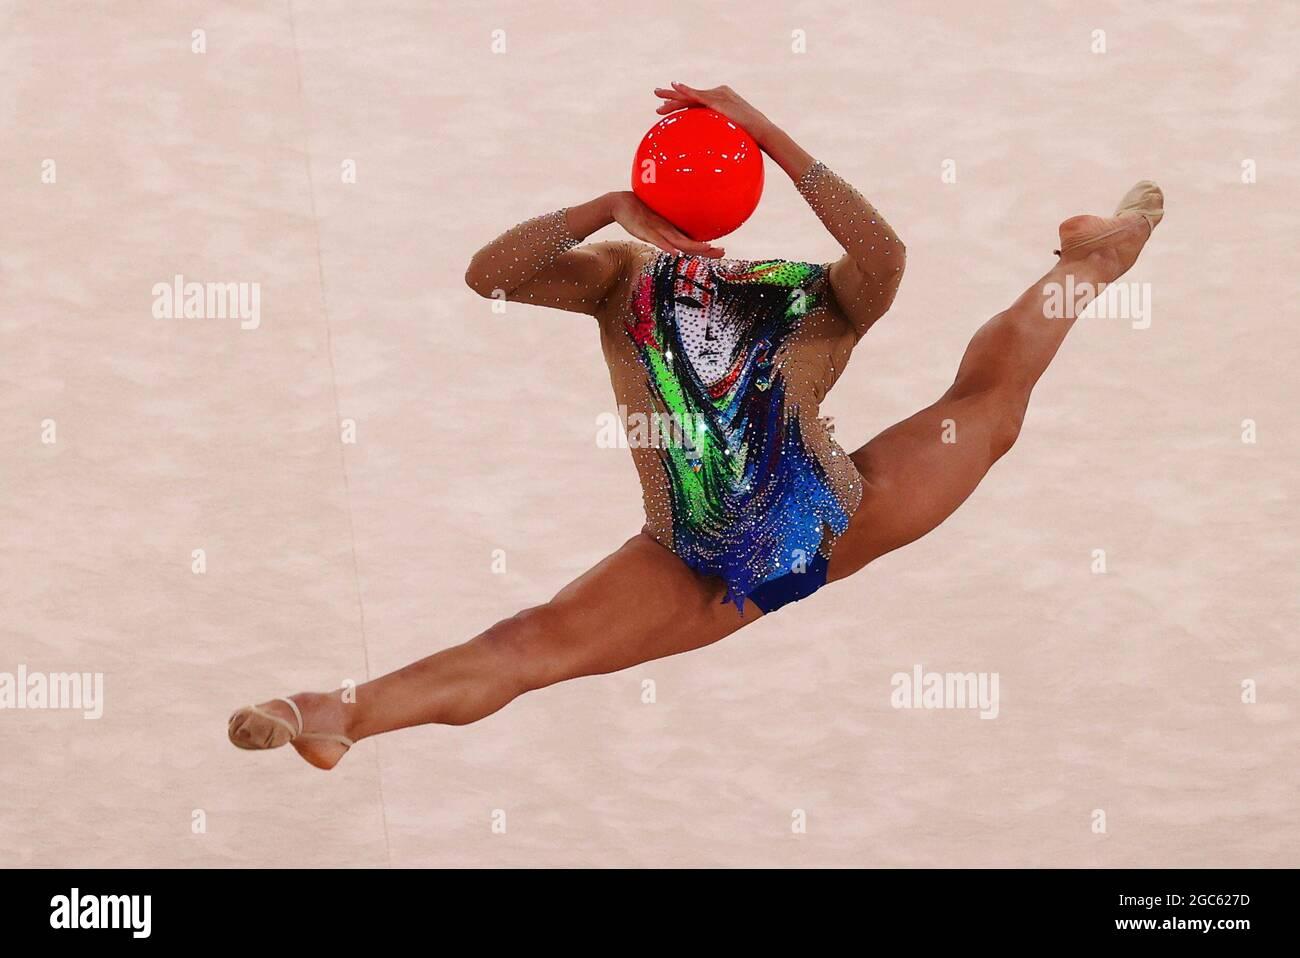 Tokyo 2020 Olimpiadi - Ginnastica - ritmica - individuale - finale - rotazione 2 - Centro di Ginnastica Ariake, Tokyo, Giappone - 7 agosto 2021. Linoy Ashram d'Israele in azione con la palla REUTERS/Lindsey Wasson Foto Stock